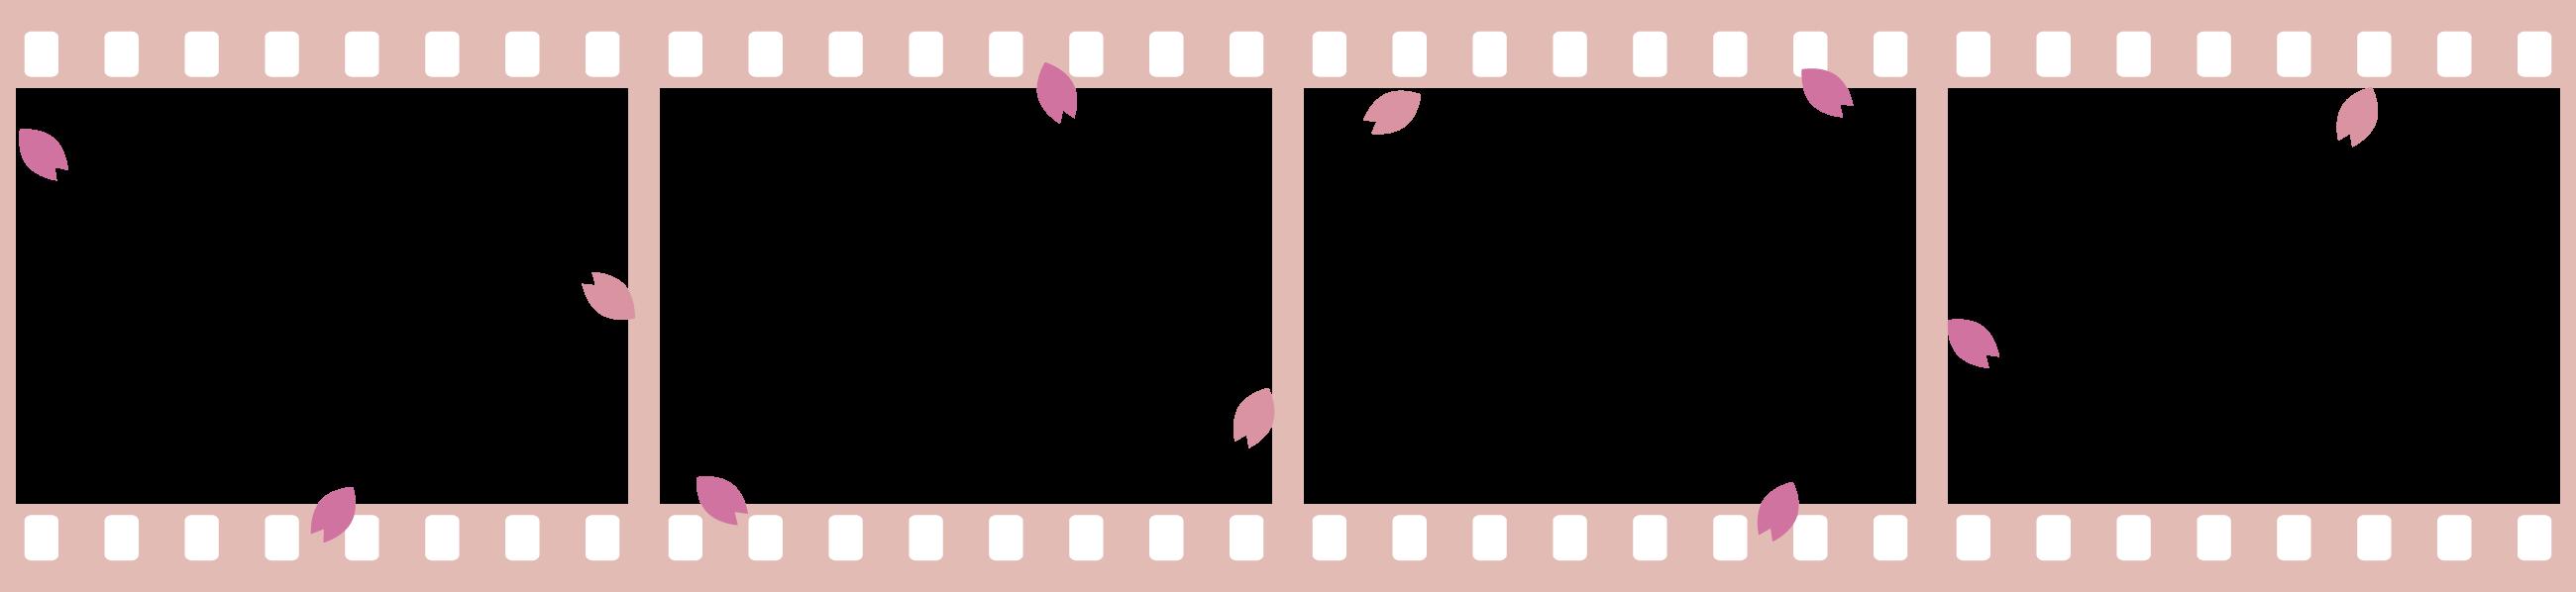 卒業アルバム卒園アルバム向け写真、自己紹介枠 / 手作り卒アルに桜舞う